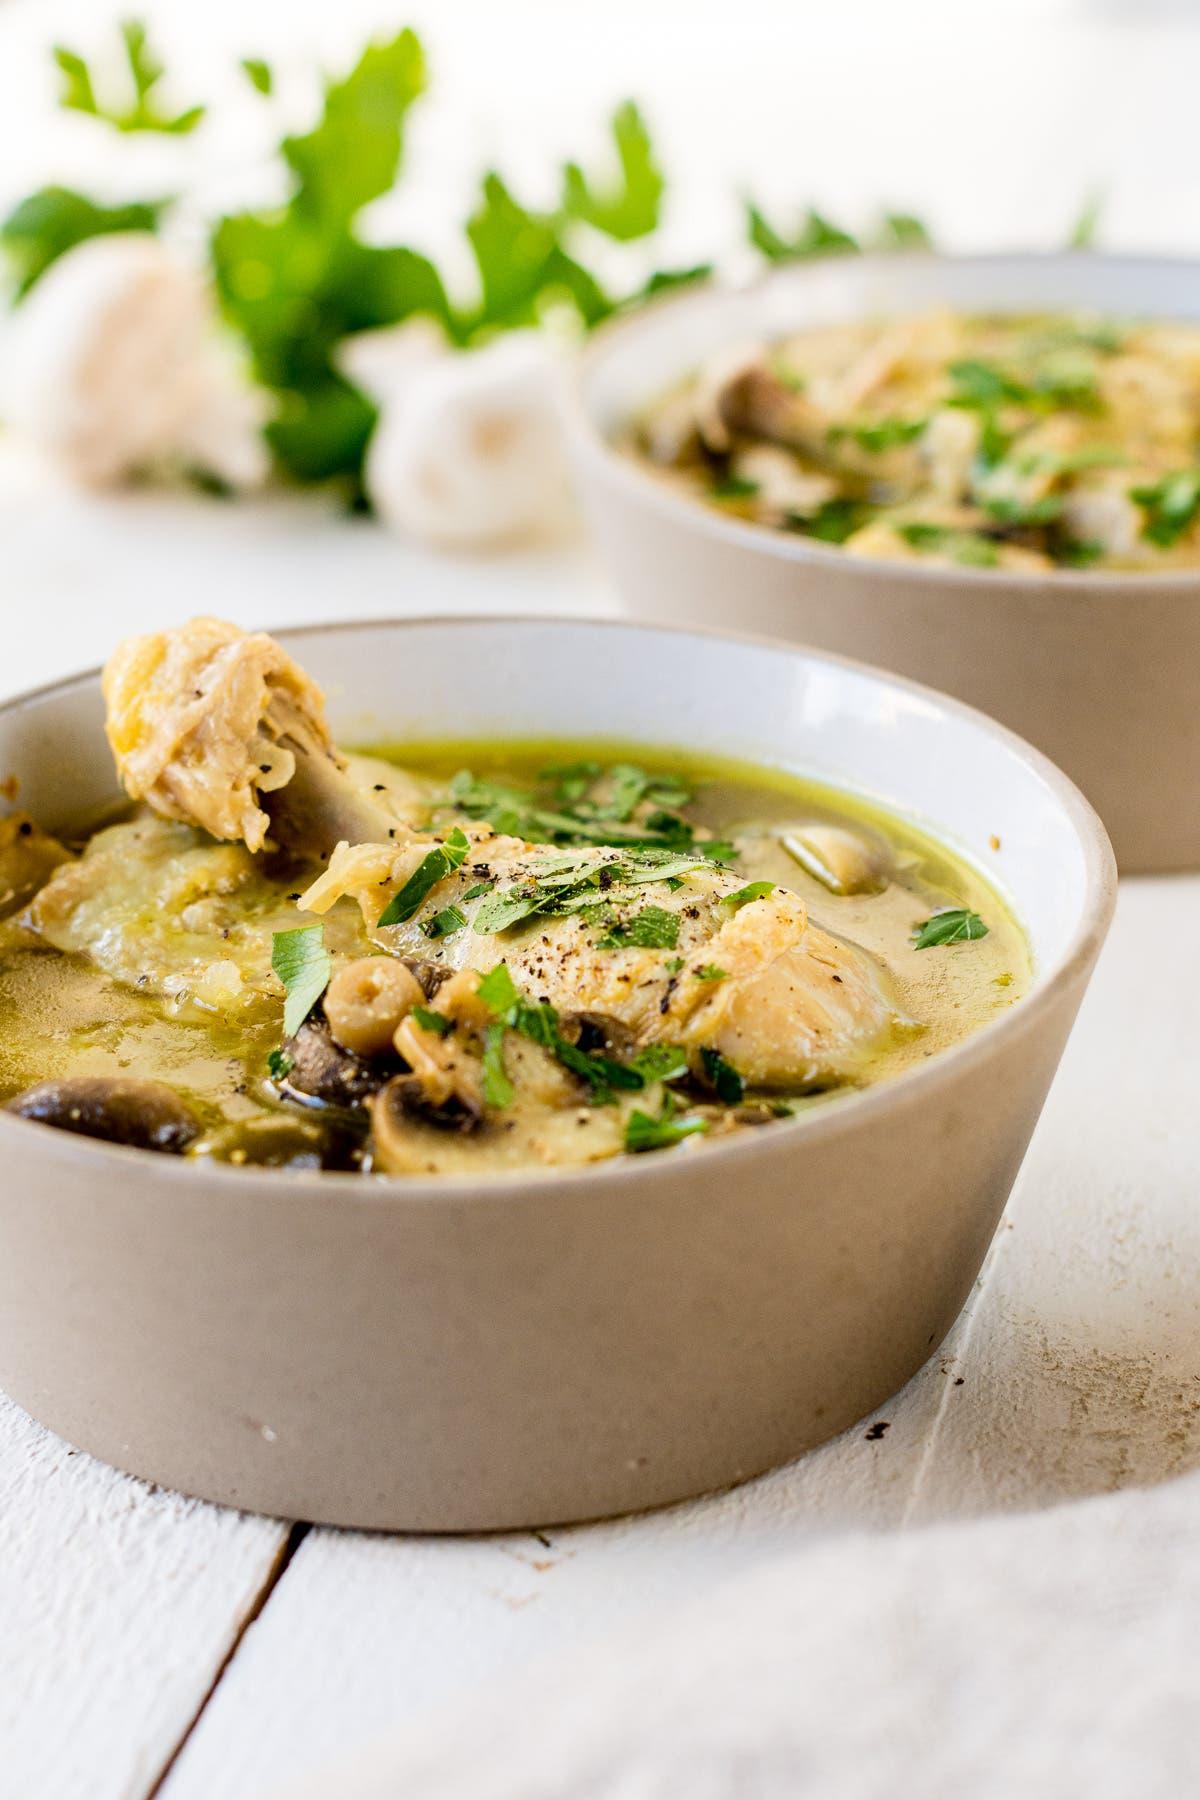 Hühnerbrühe mit Pilzen und Hähnchenschenkeln in zwei Schüsseln.